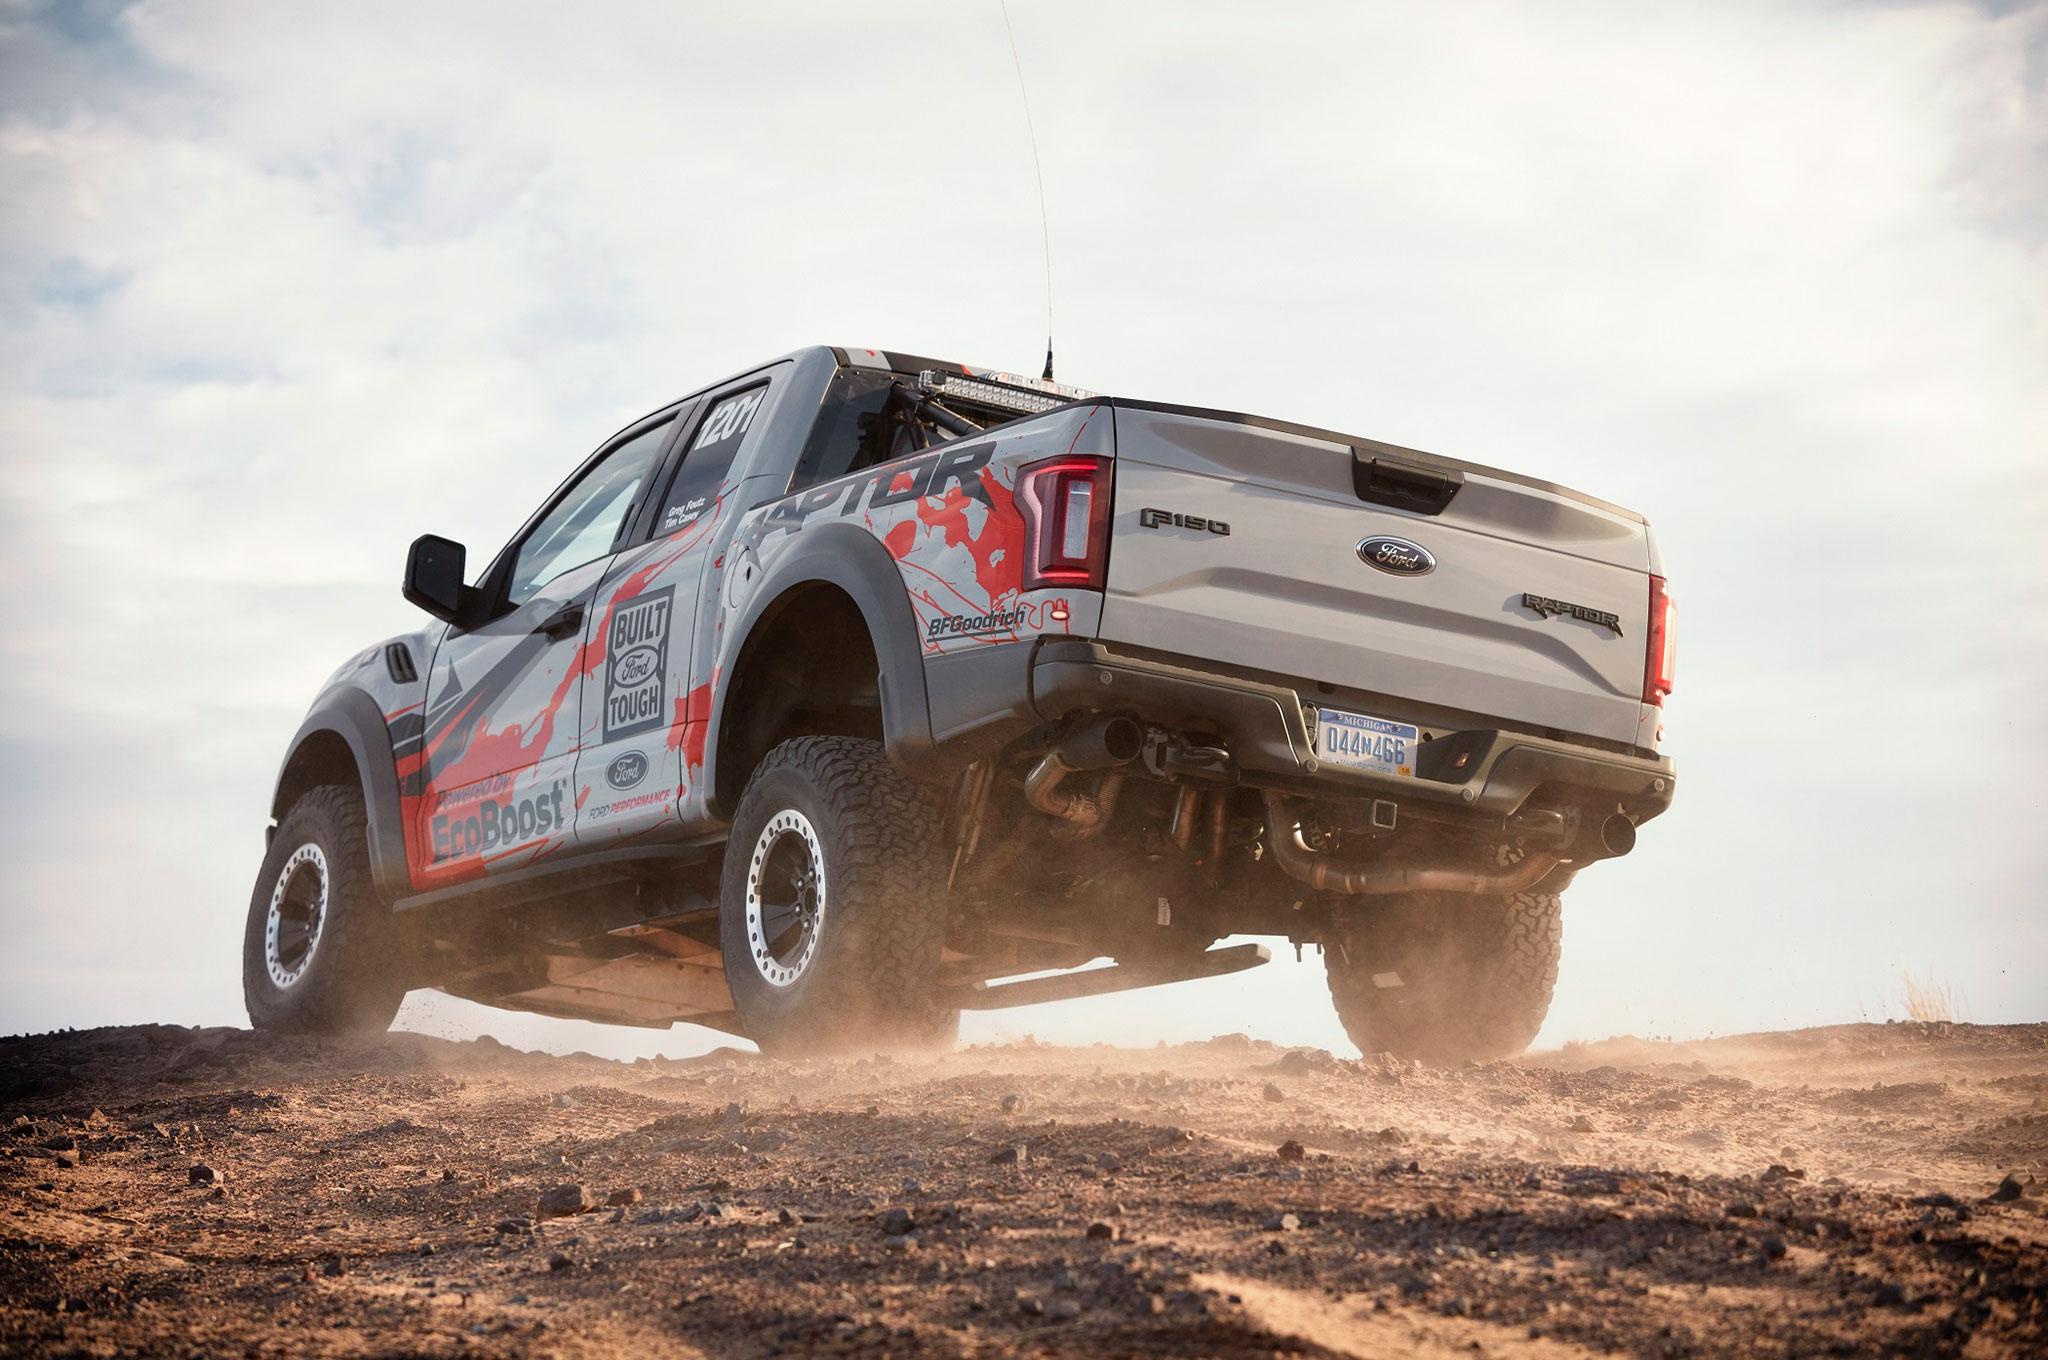 2017 Ford F 150 Raptor Baja race truck rear three quarter